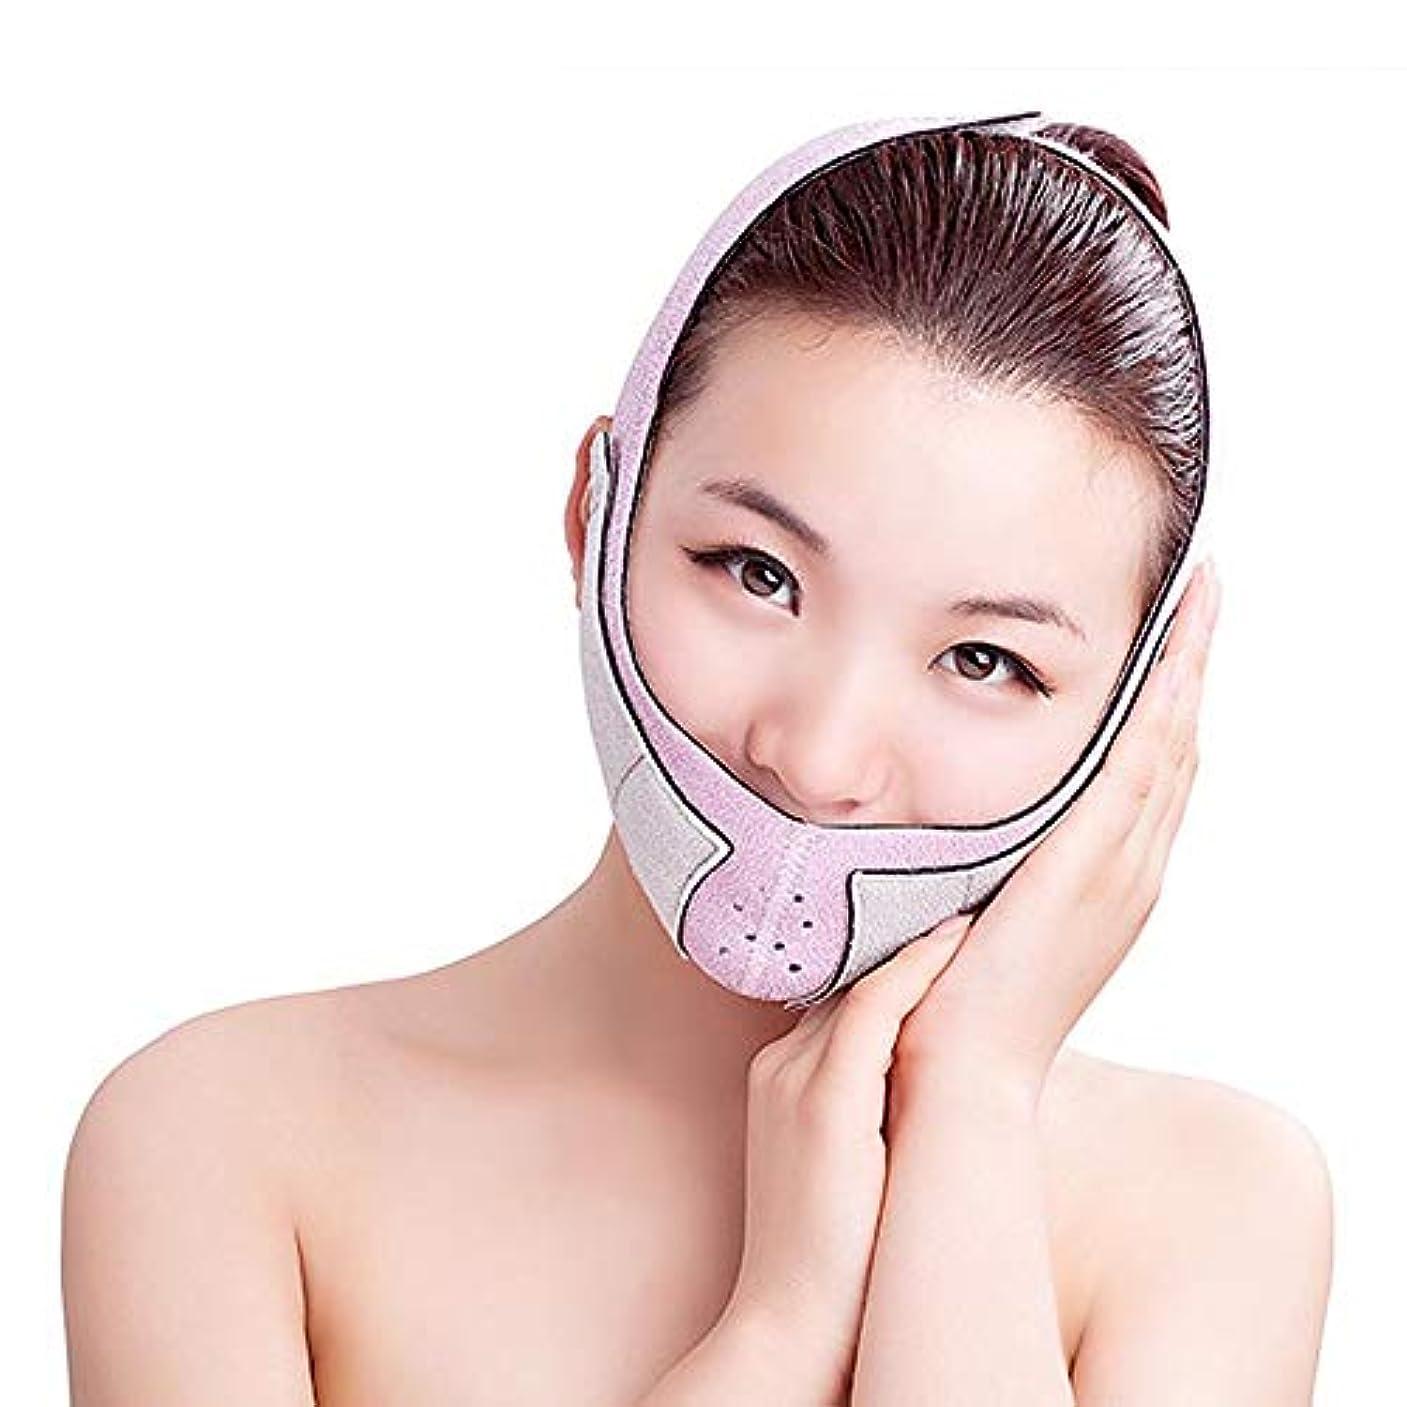 不実消毒するマニフェストフェイスリフトベルト 薄い顔のベルト - 薄い顔のベルト通気性の補正3D薄い顔のV顔のベルトの包帯薄い顔のアーティファクト (色 : B)